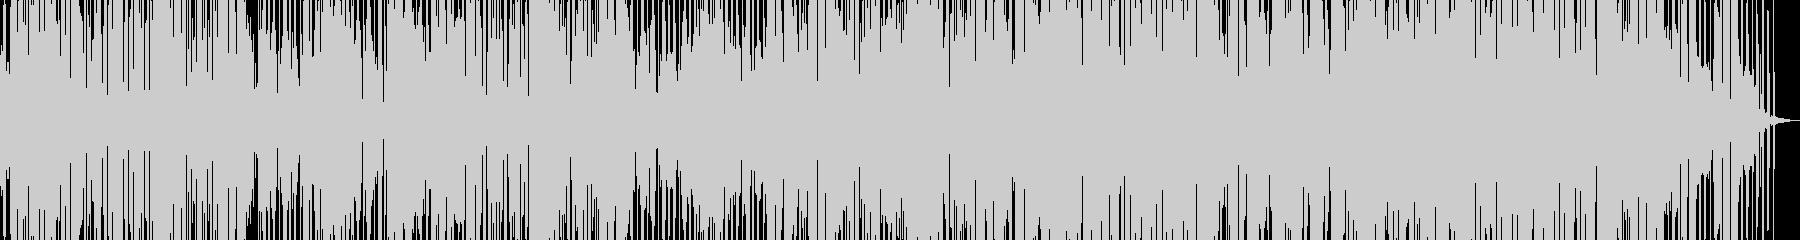 おしゃれなDISCOの曲の未再生の波形